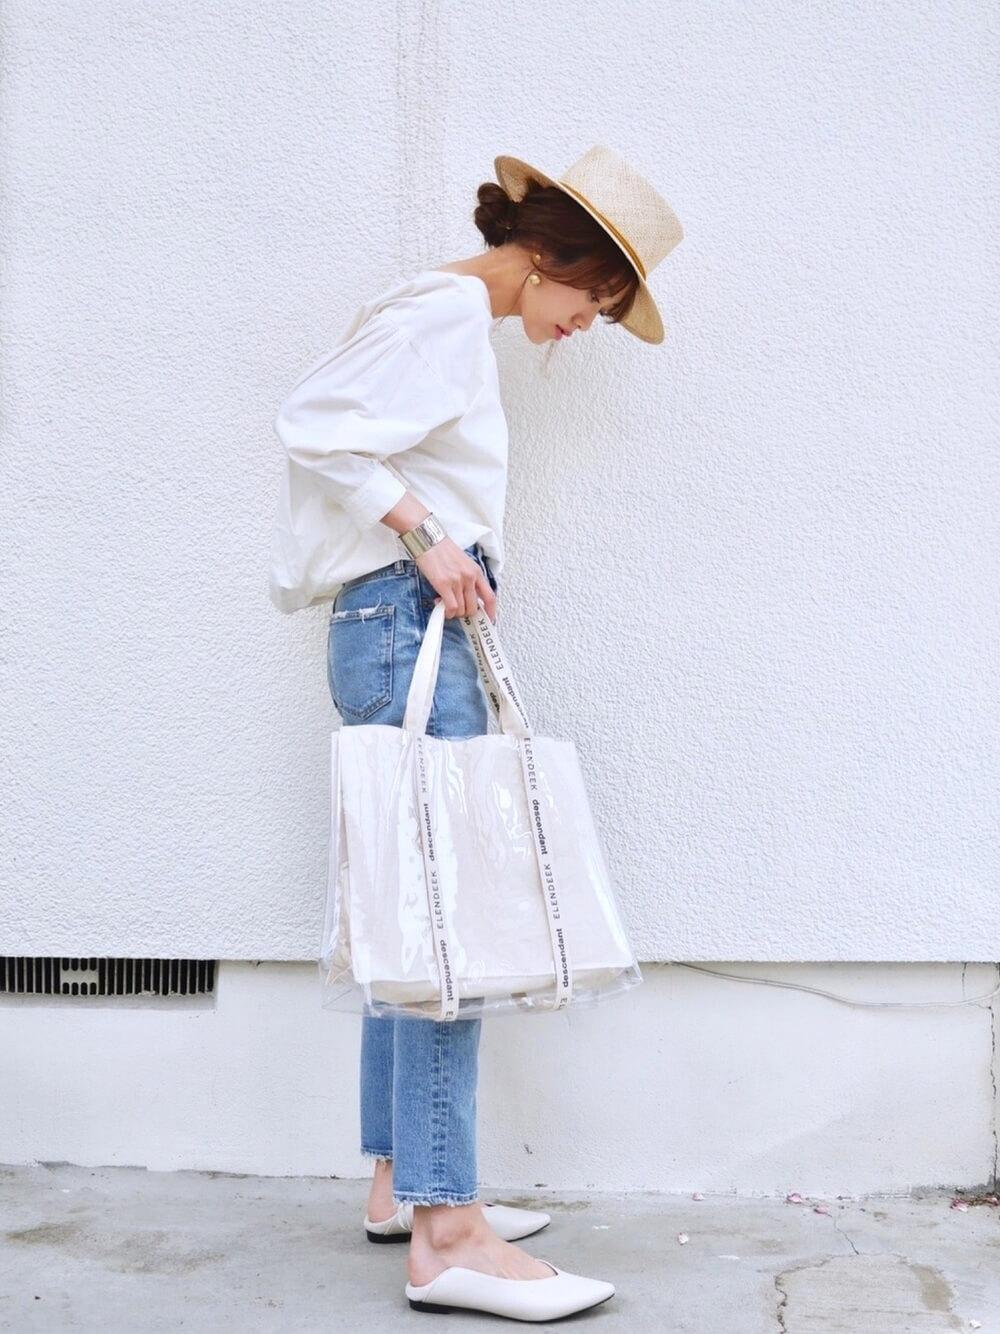 カンカン帽×白のボリューム袖ブラウス×デニムパンツ×白のパンプス